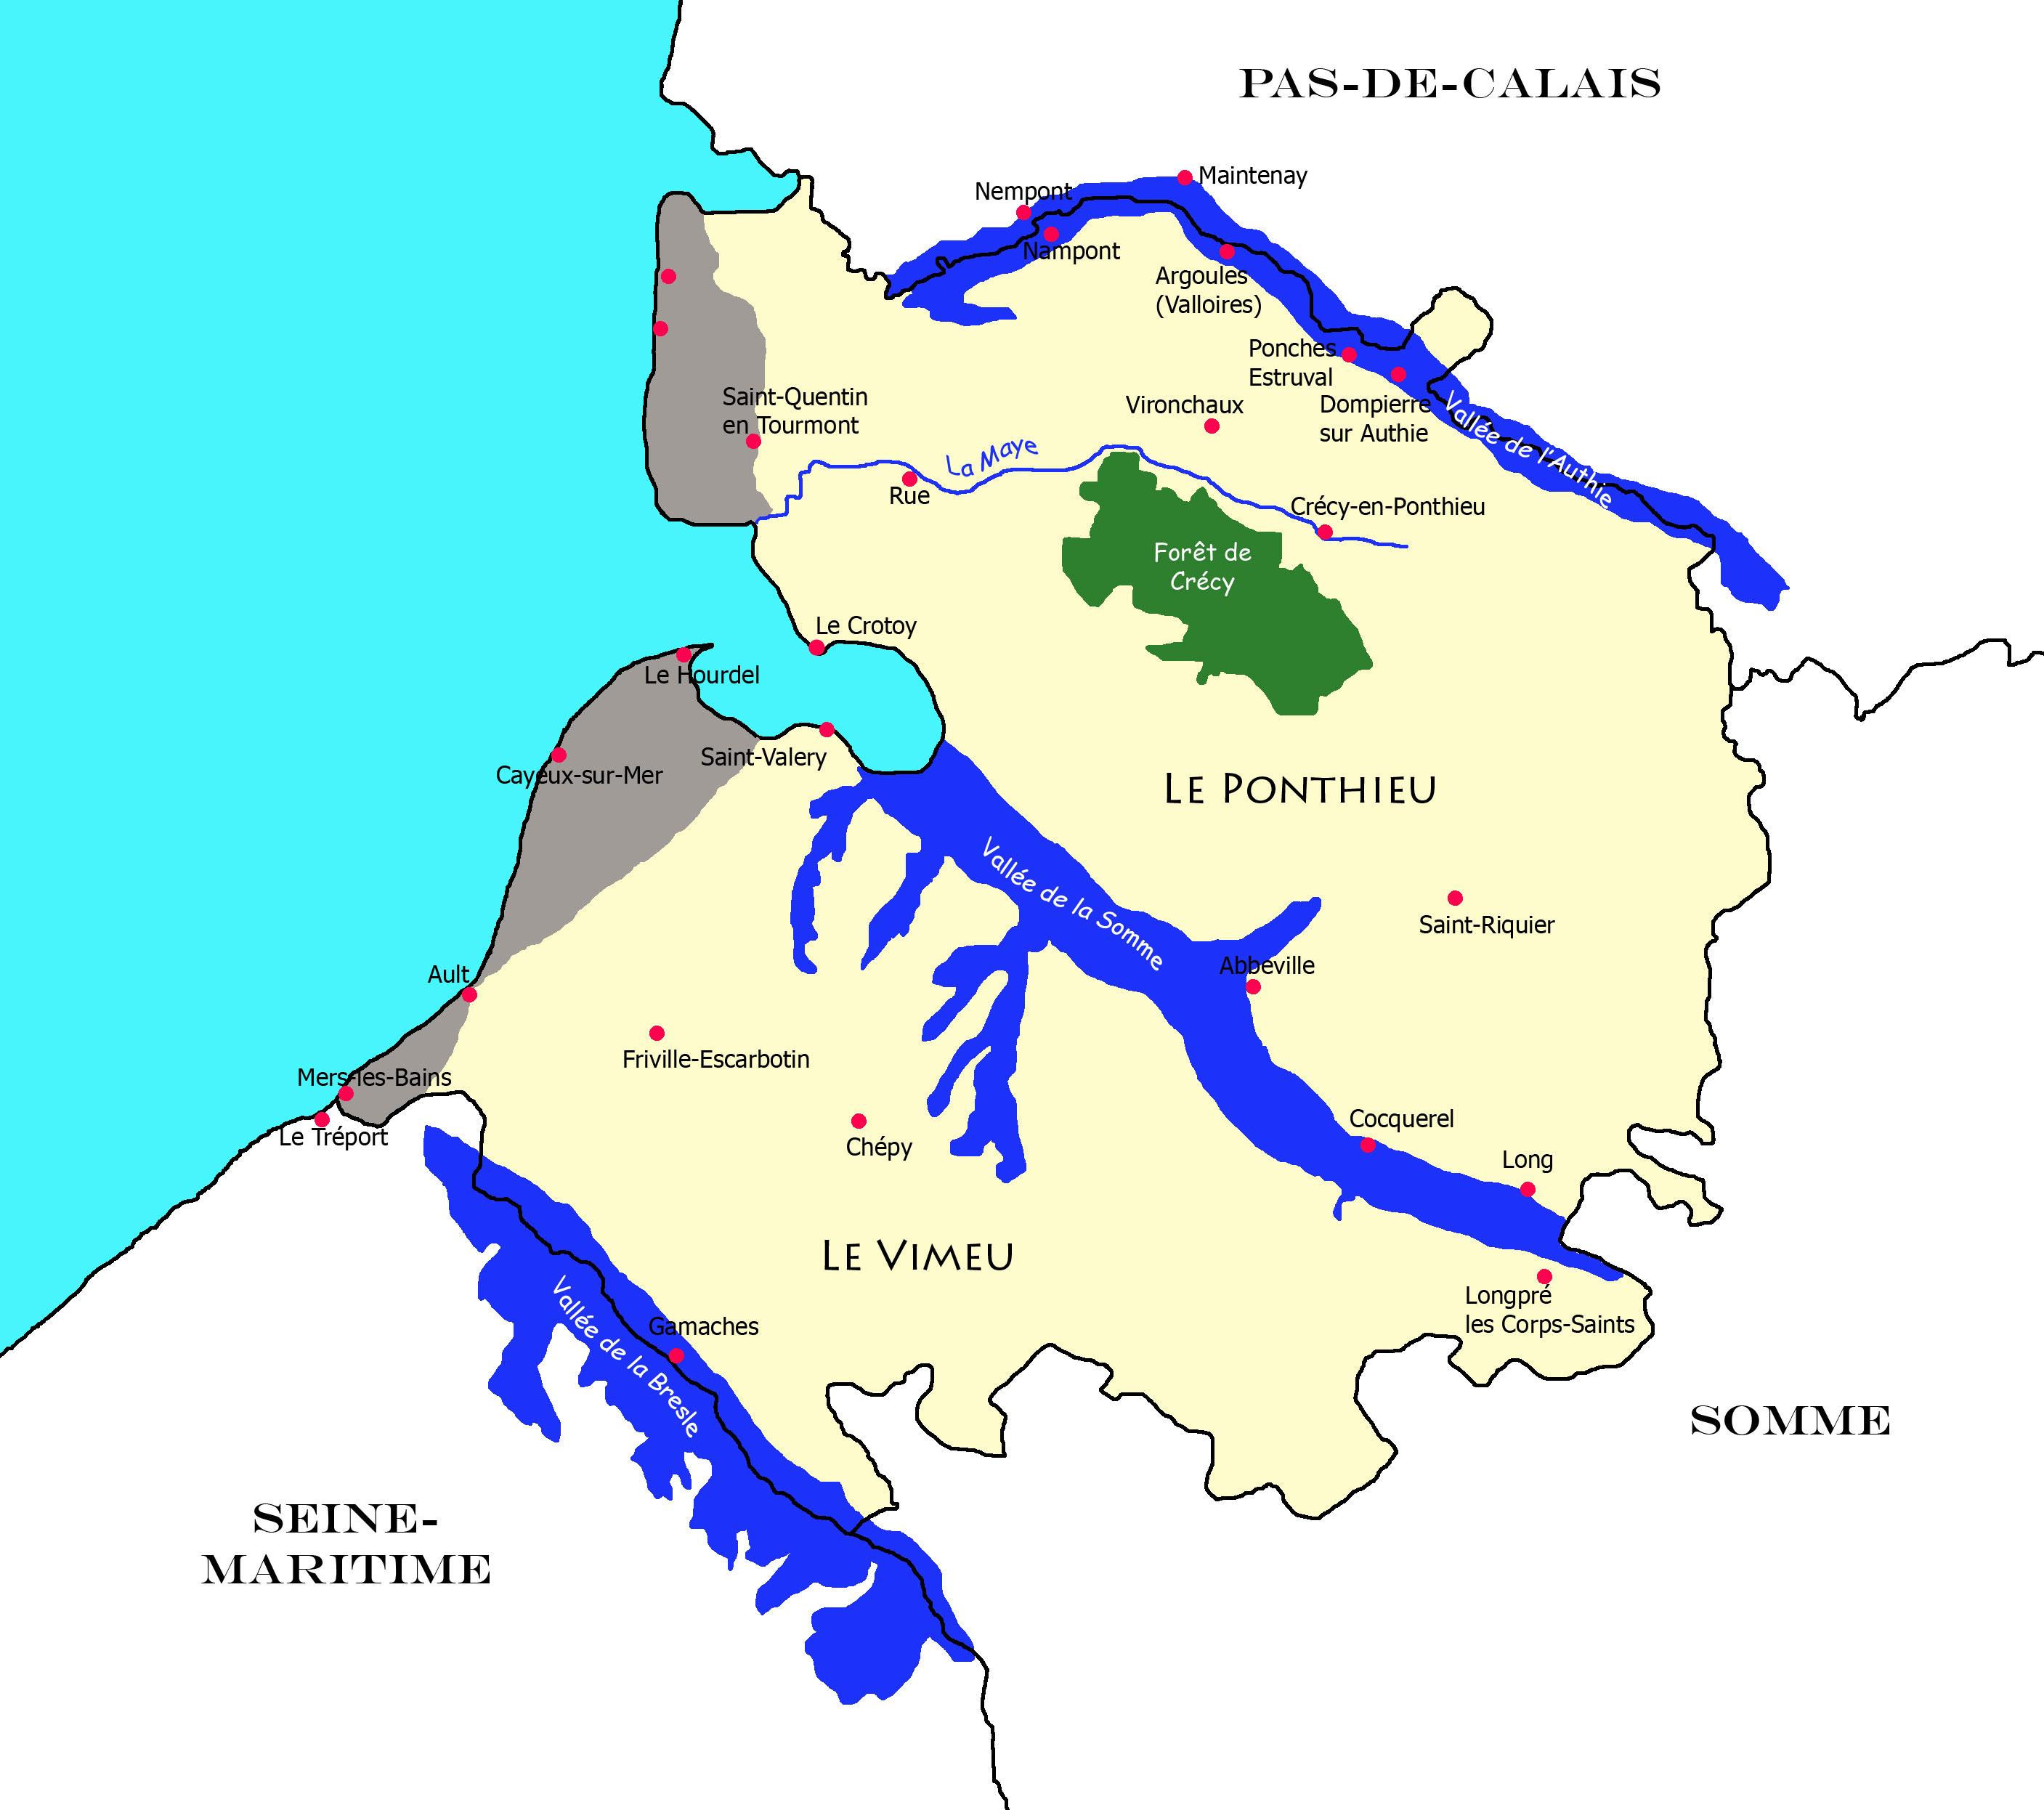 Carte de la Picardie Maritime (Somme)